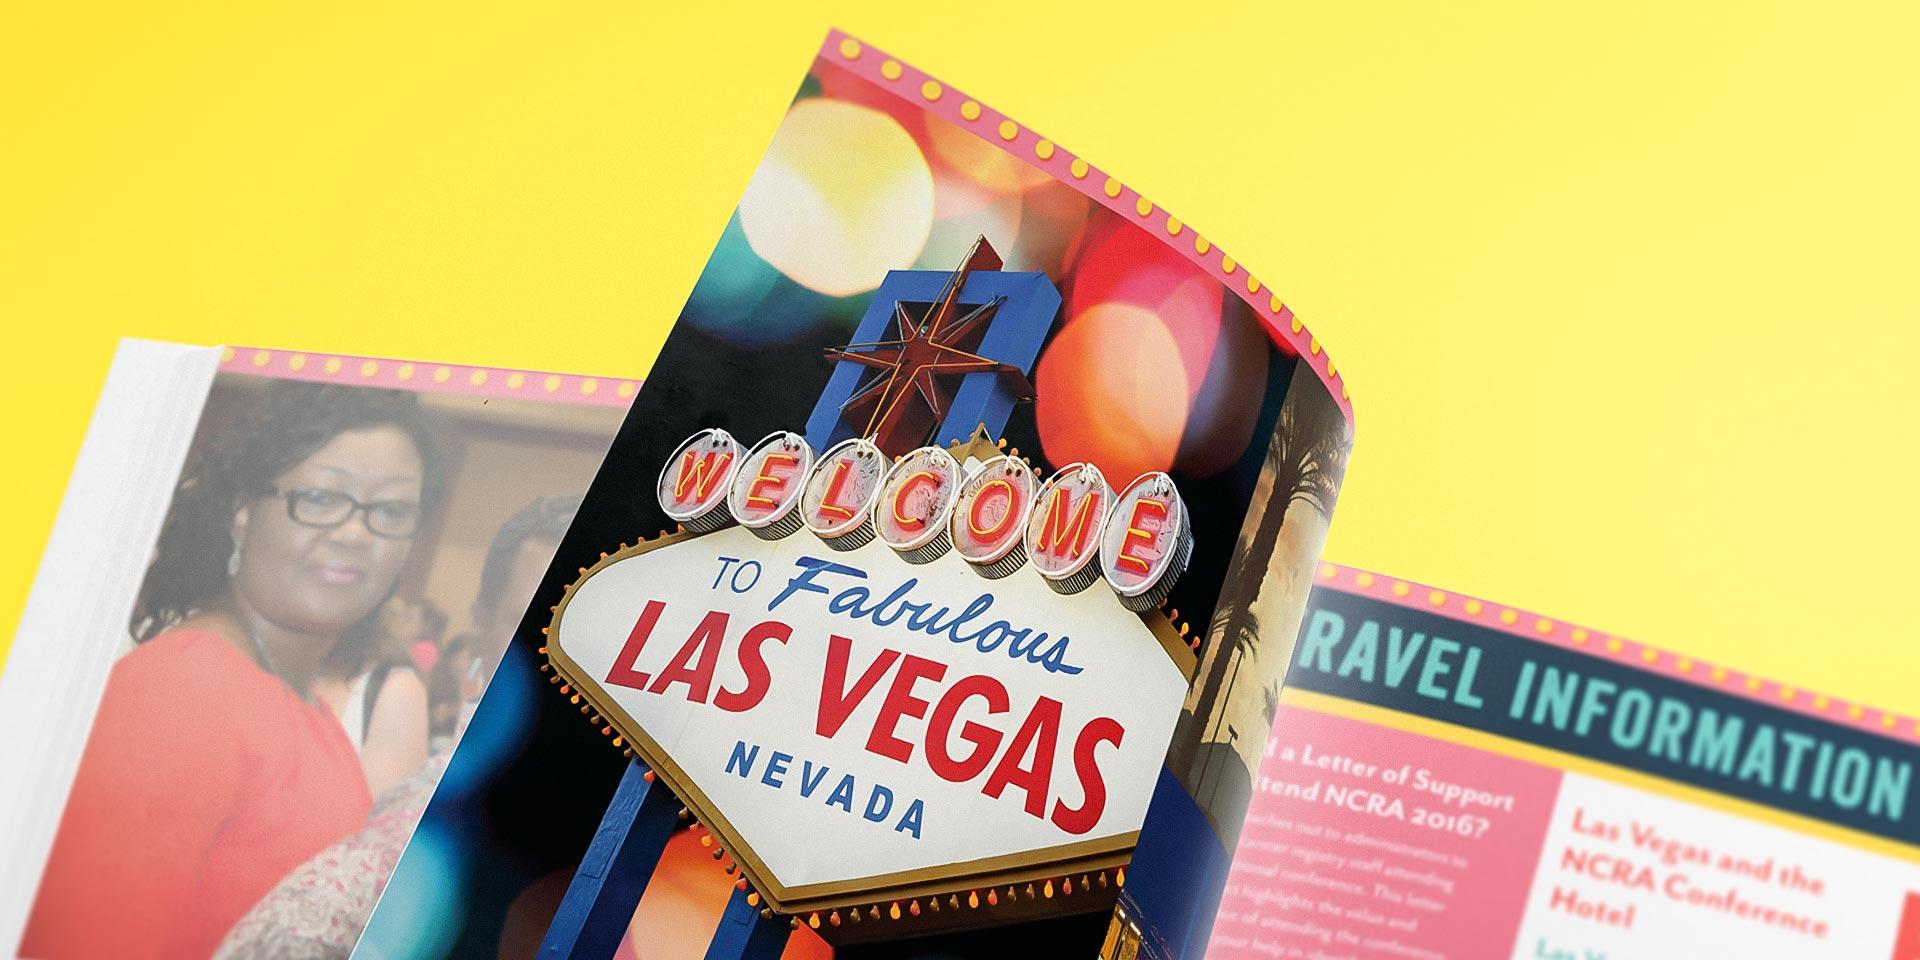 NCRA Las Vegas conference brochure